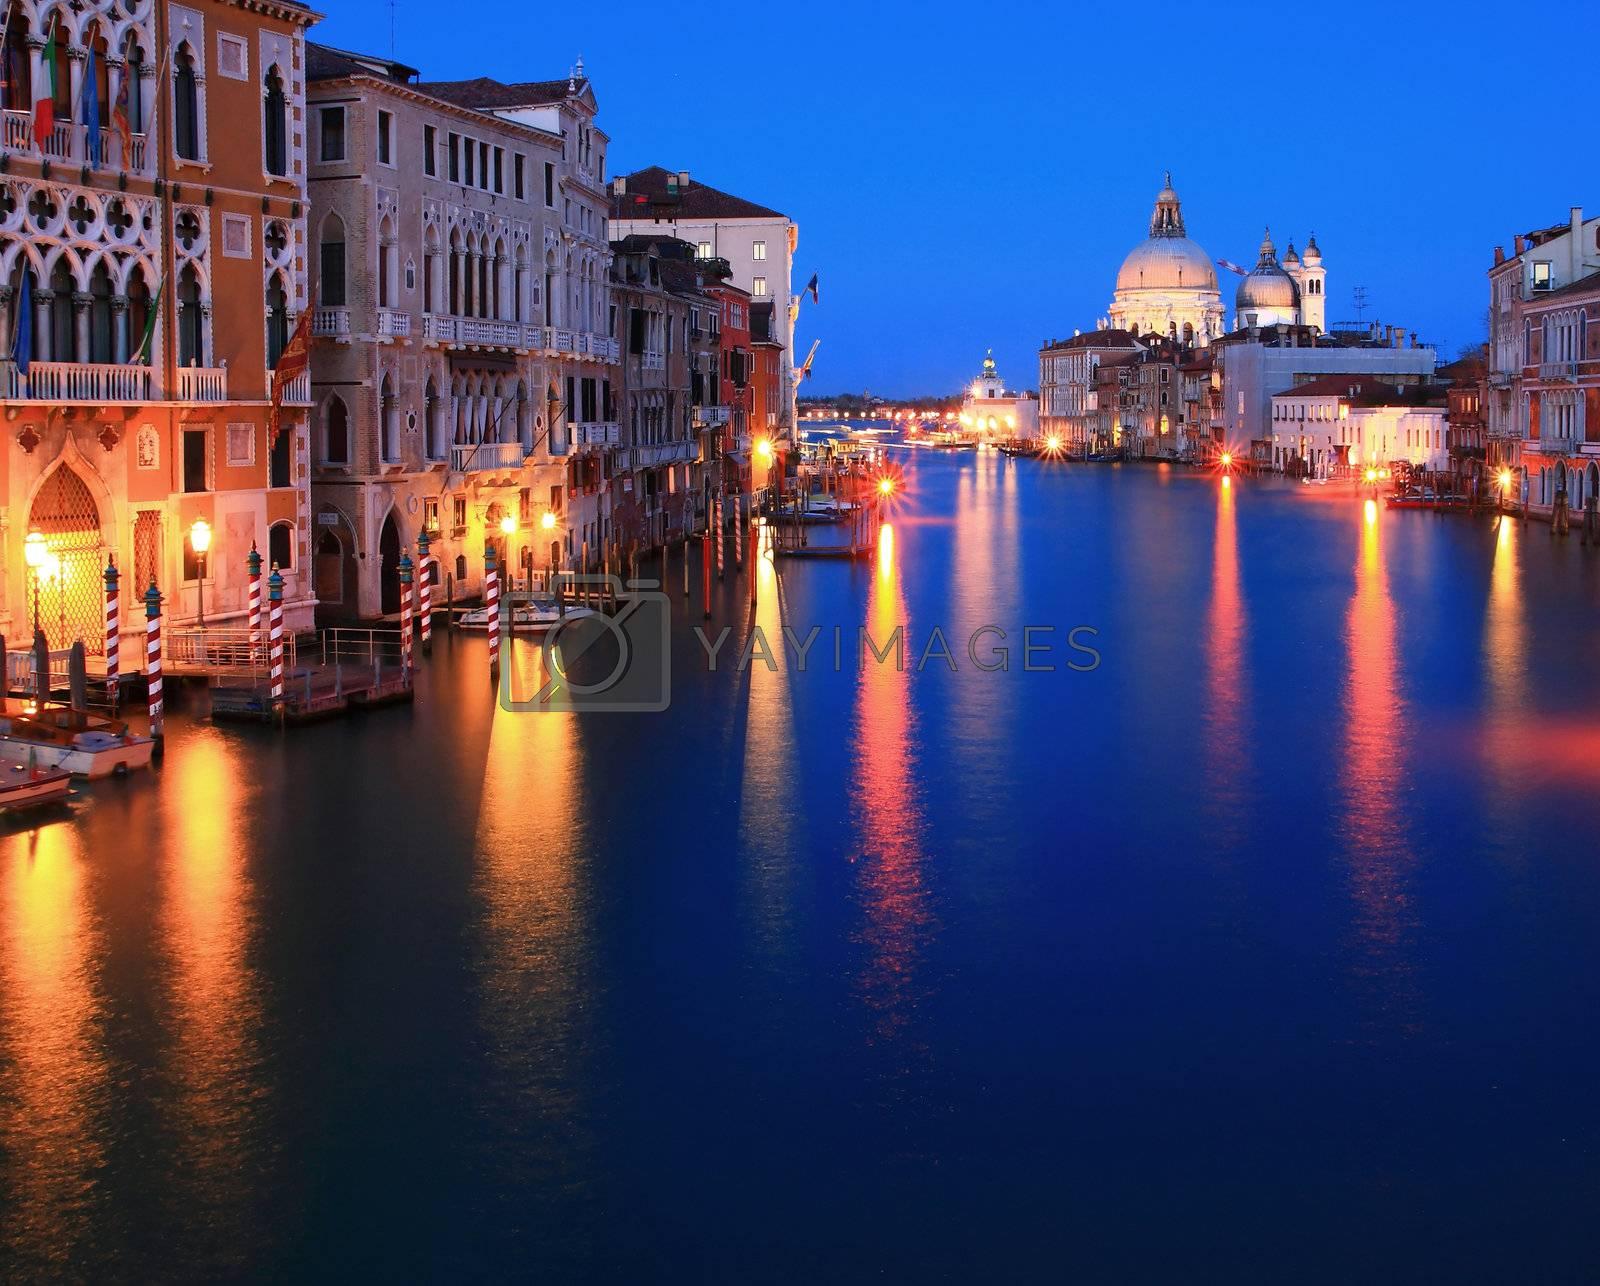 Santa Maria Della Salute, Church of Health, Grand canal Venice Italy